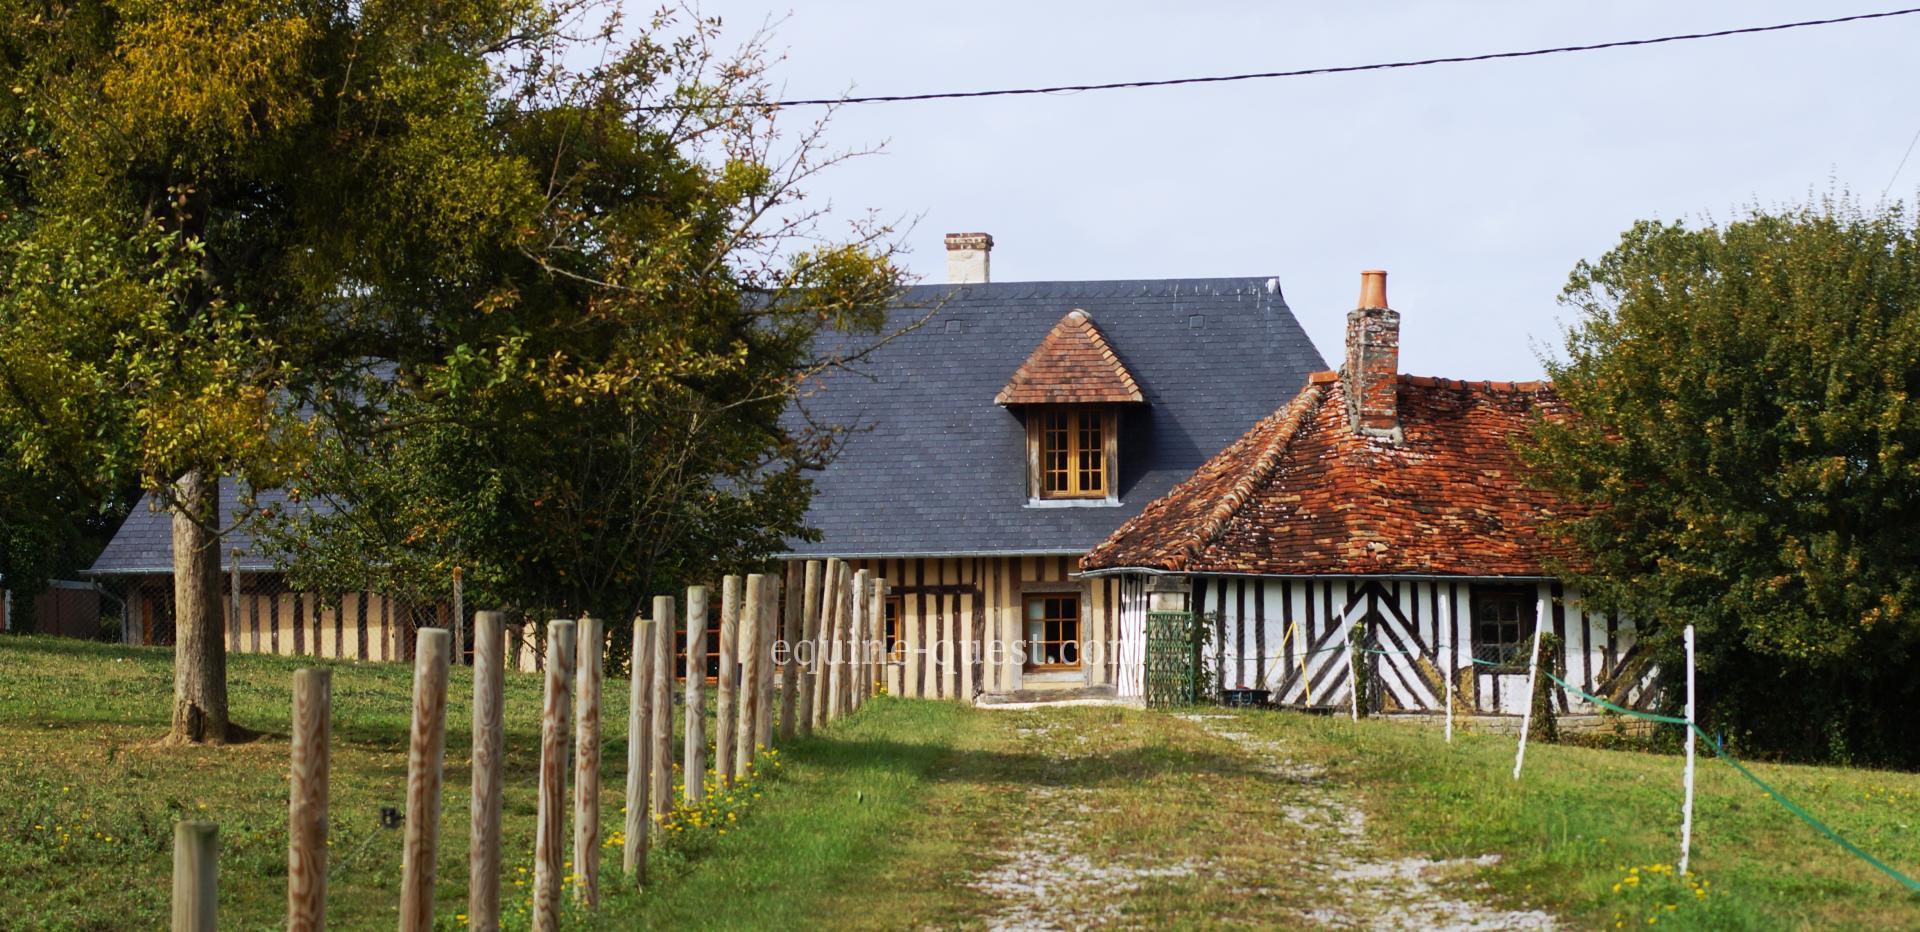 Normandie – secteur Crèvecoeur en Auge, 1 ha autour d'une ravissante normande